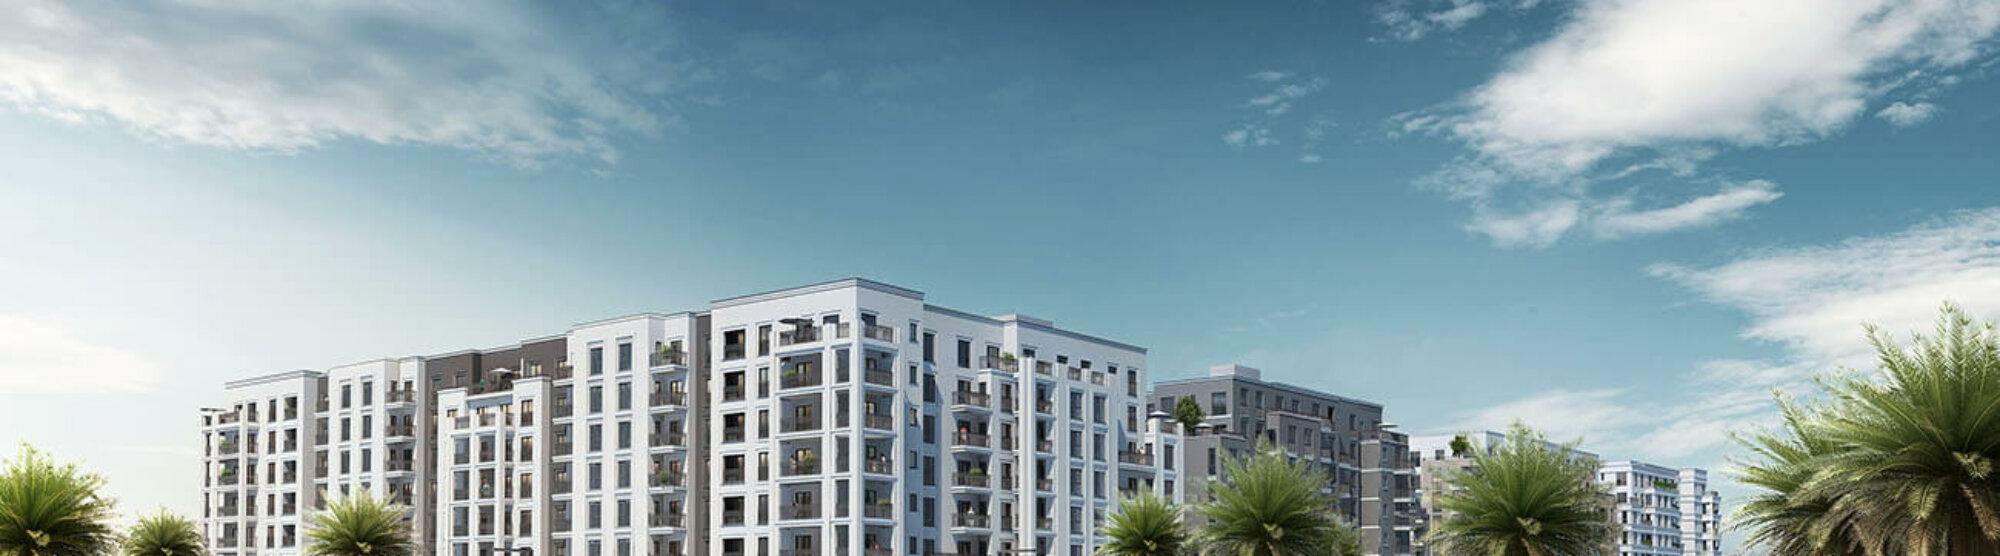 Sharjah Real Estate Sales Centre